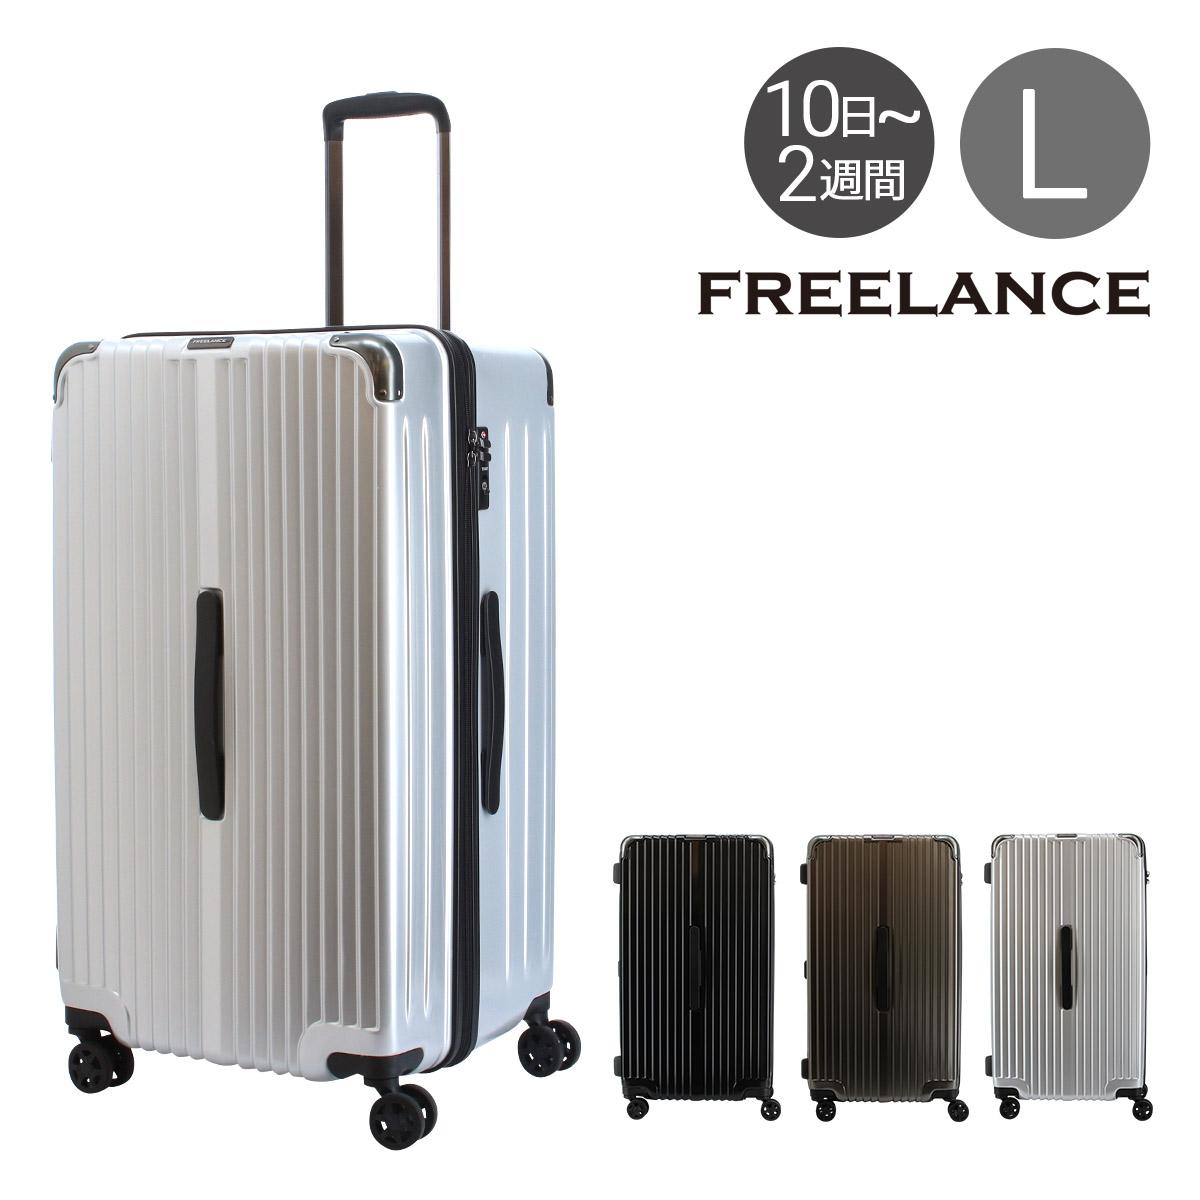 フリーランス スーツケース 当社限定| 88L 70cm 4.5kg FLT-006ハード ファスナー|FREELANCE TSAロック搭載|大容量|おしゃれキャリーバッグ キャリーケース ビジネスキャリー[即日発送]